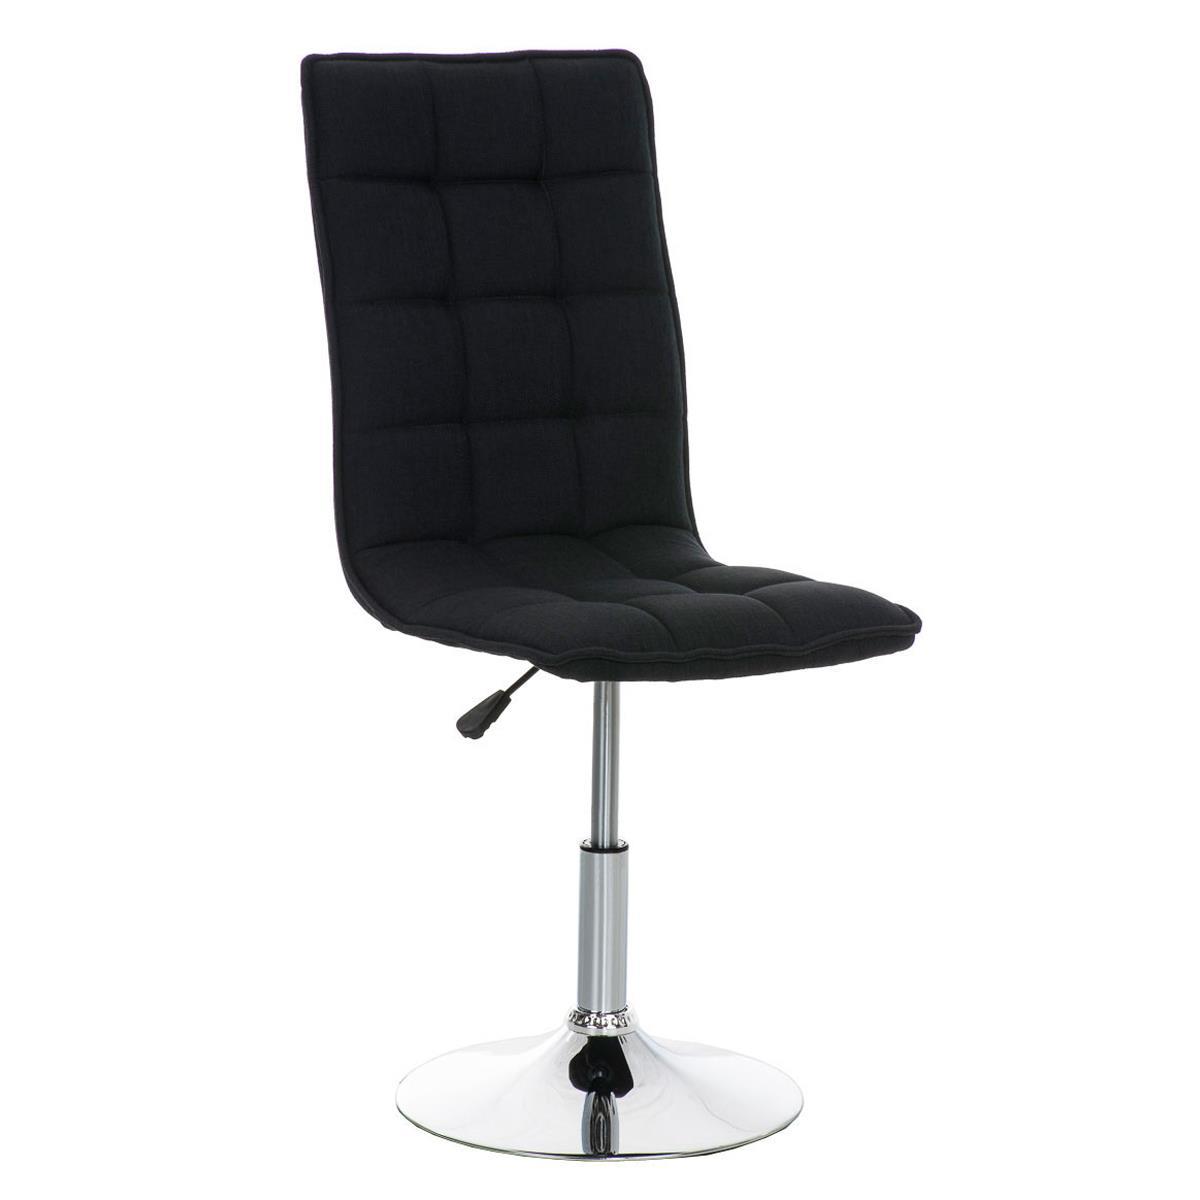 Silla de comedor o cocina pescara en tela color negro for Telas para sillas de cocina